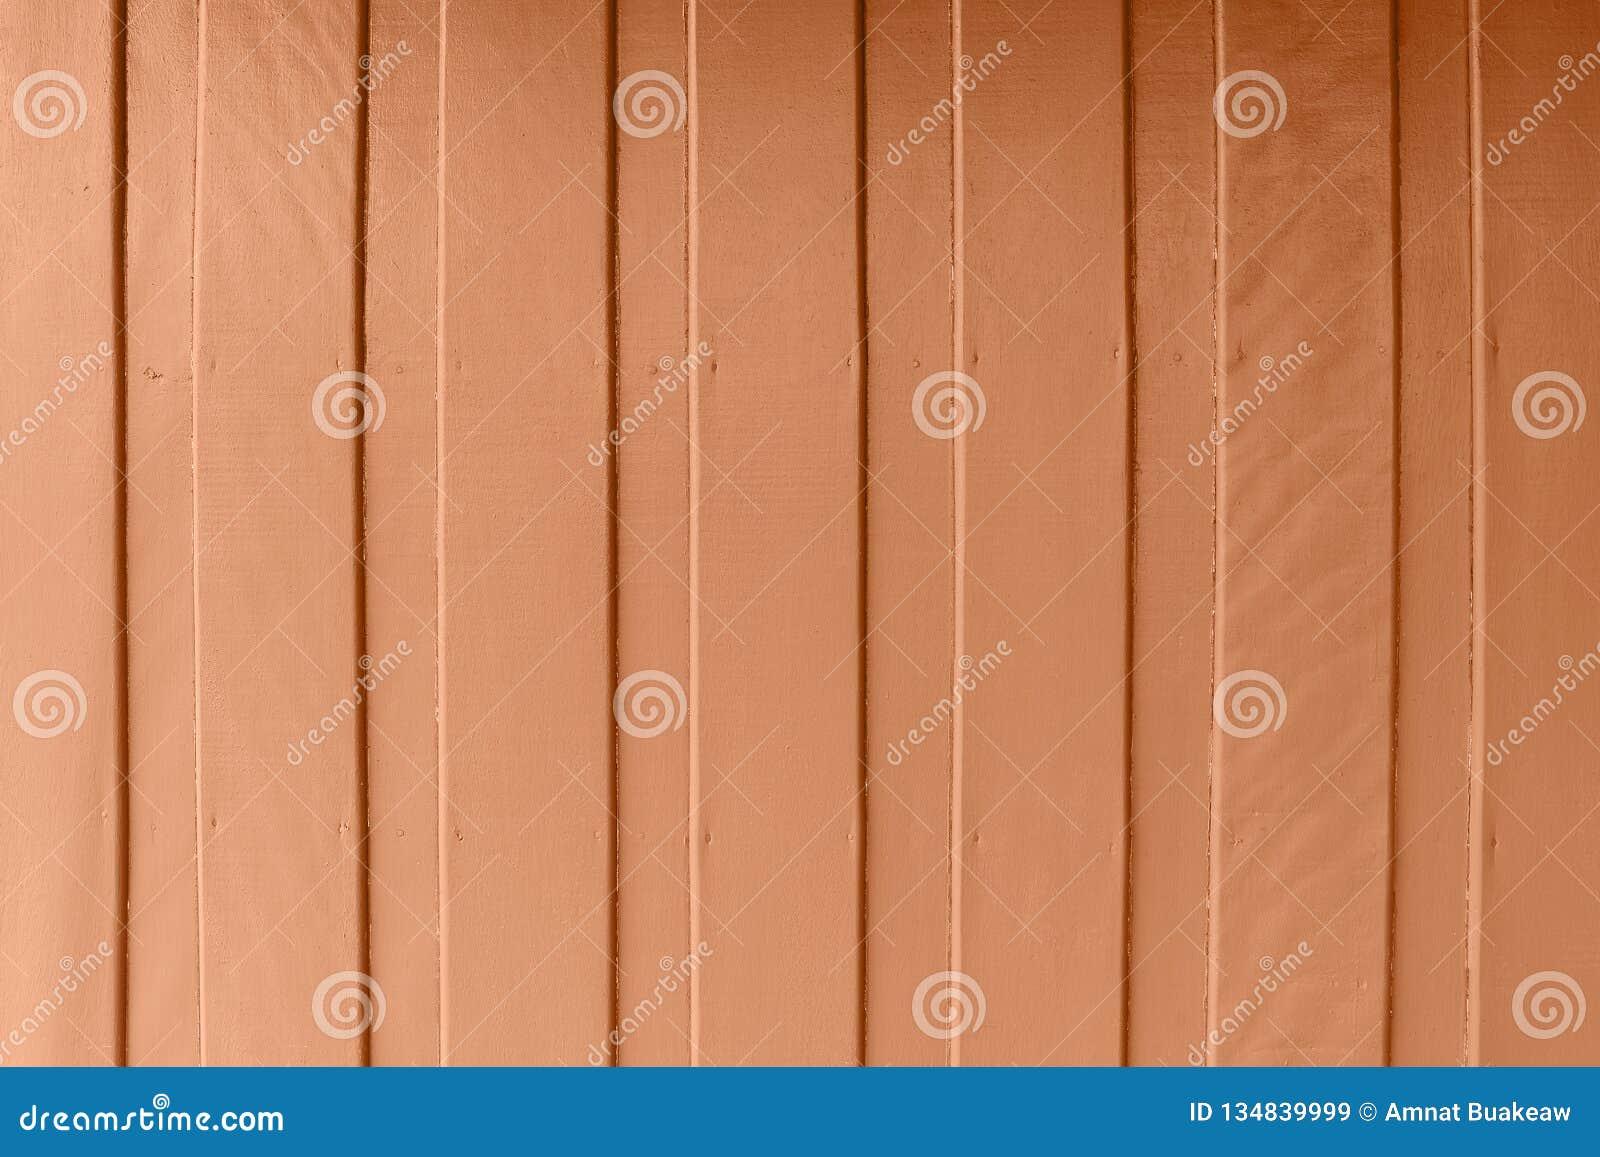 Mur En Bois Avec Secteur De Couleur Brune Orange De Peinture